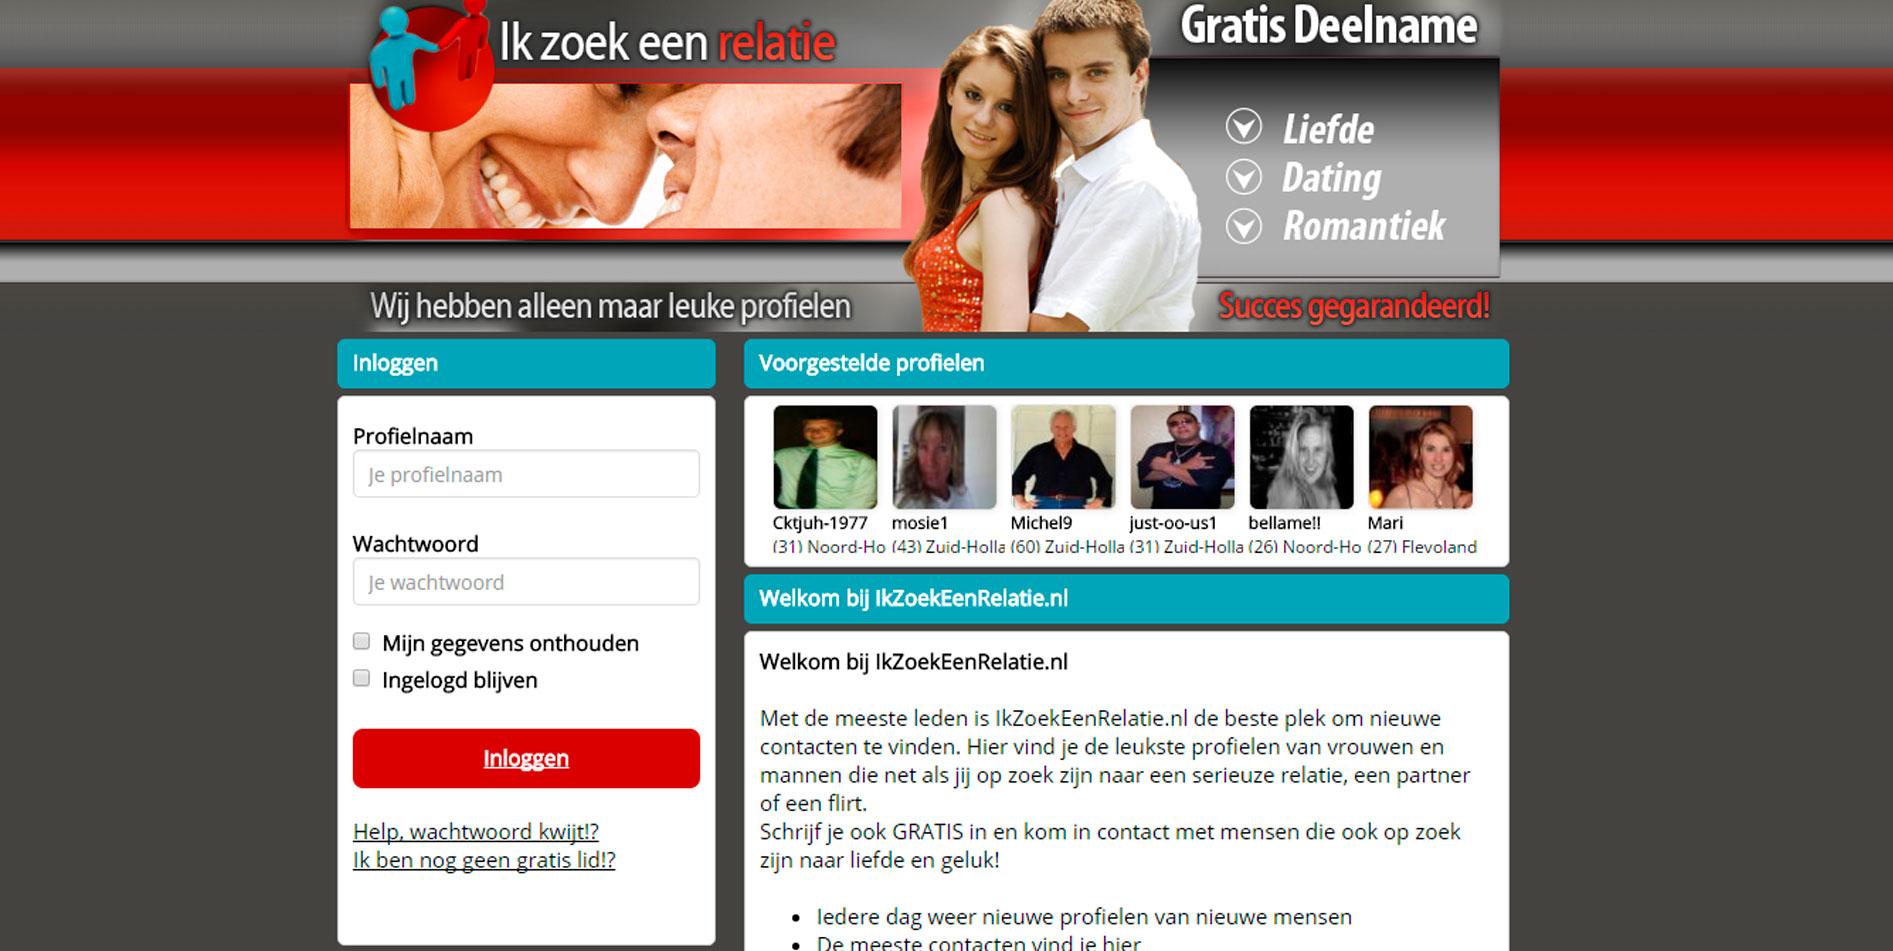 dating sites vergelijken Op zoek naar een datingsite voor hoger opgeleiden wij helpen je met het kiezen van een datingsite die bij je past lees ervaringen en vergelijk honderden datingsites.